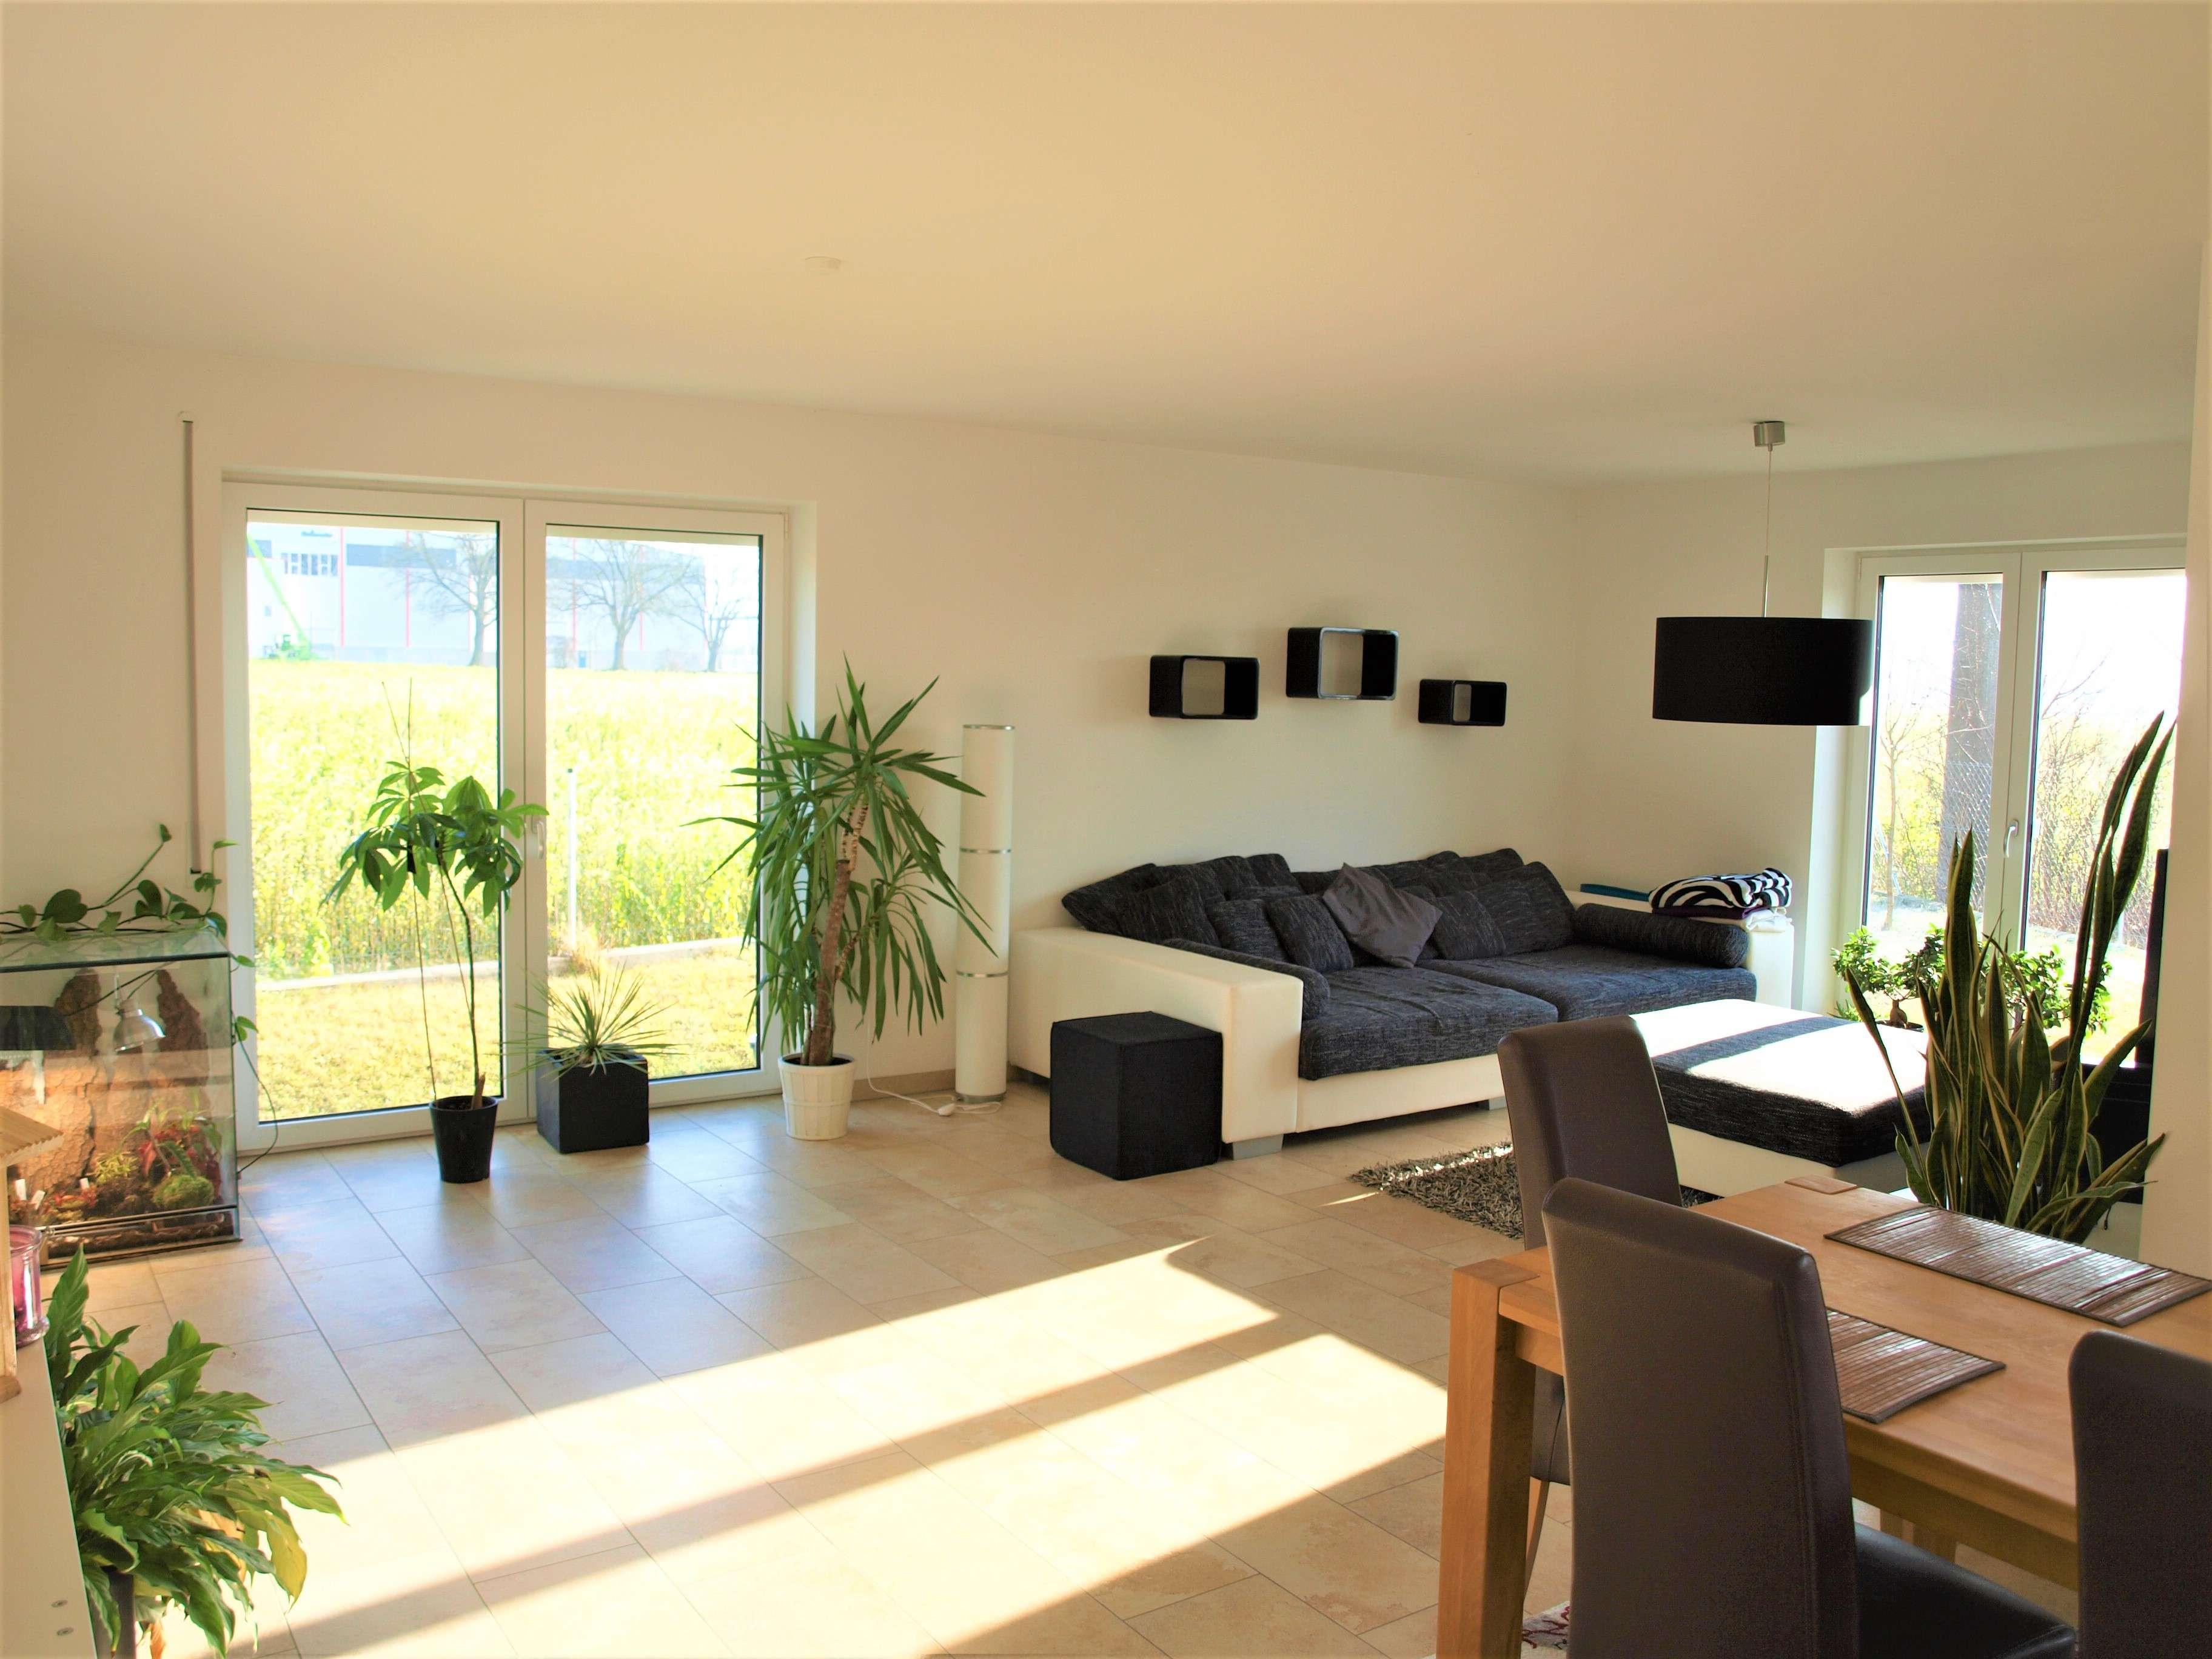 Sofort bezugsfrei! Sehr gepflegte und großzügige 2-Zimmer-EG-Wohnung - top Ausstattung! in